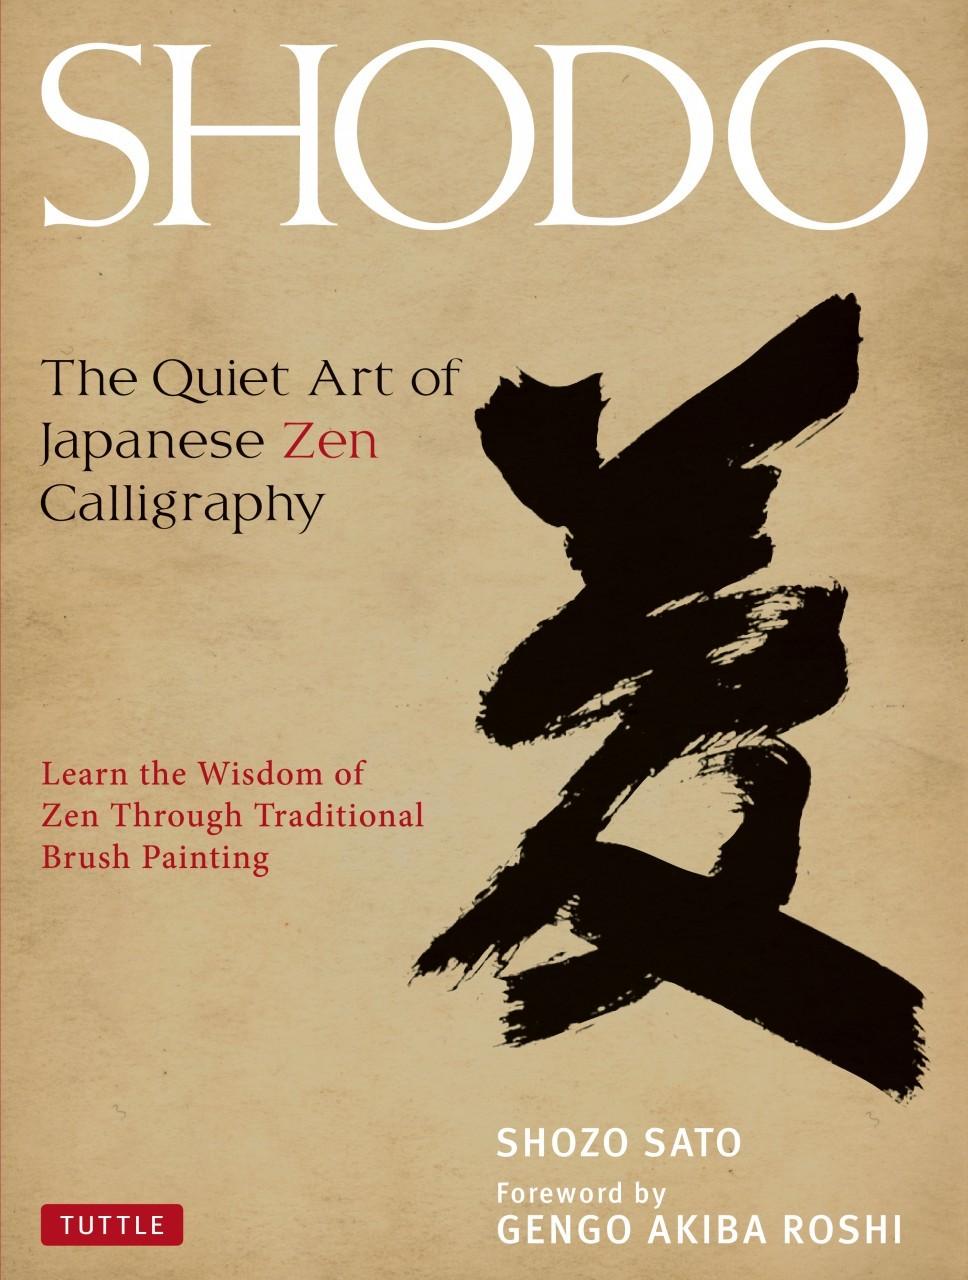 Shodo The Quiet Art Of Japanese Zen Calligraphy